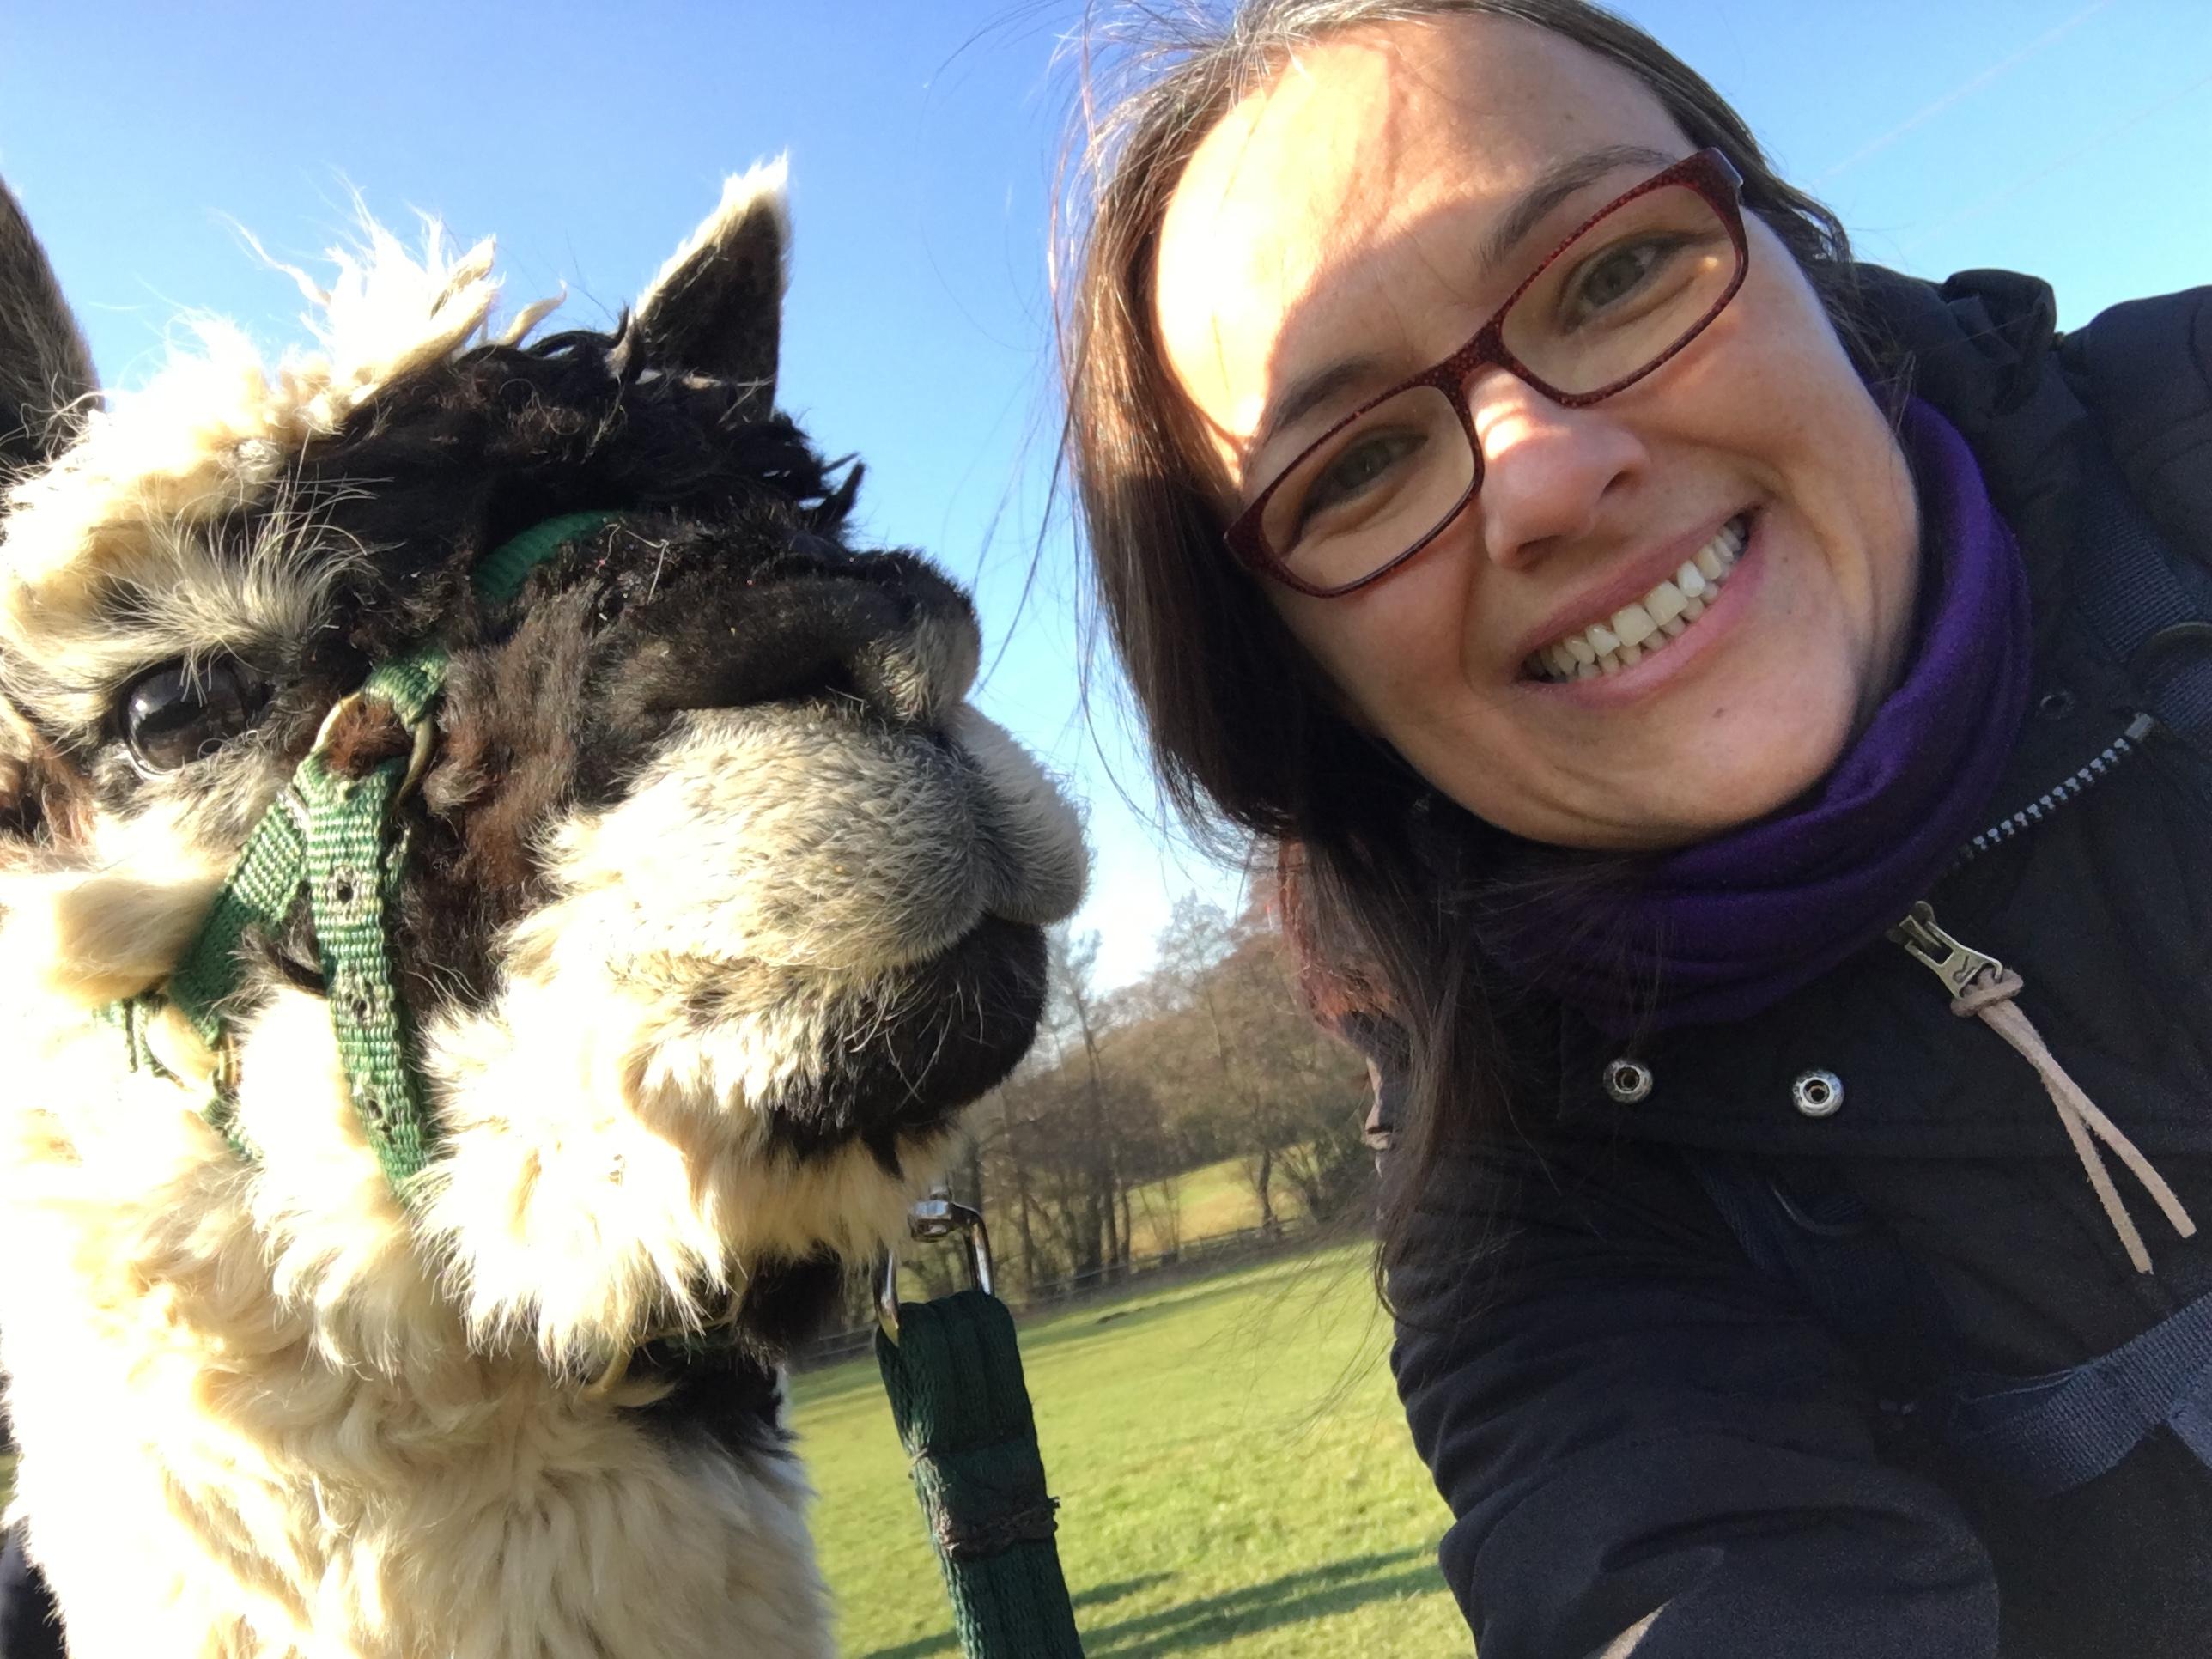 Alpaca selfies